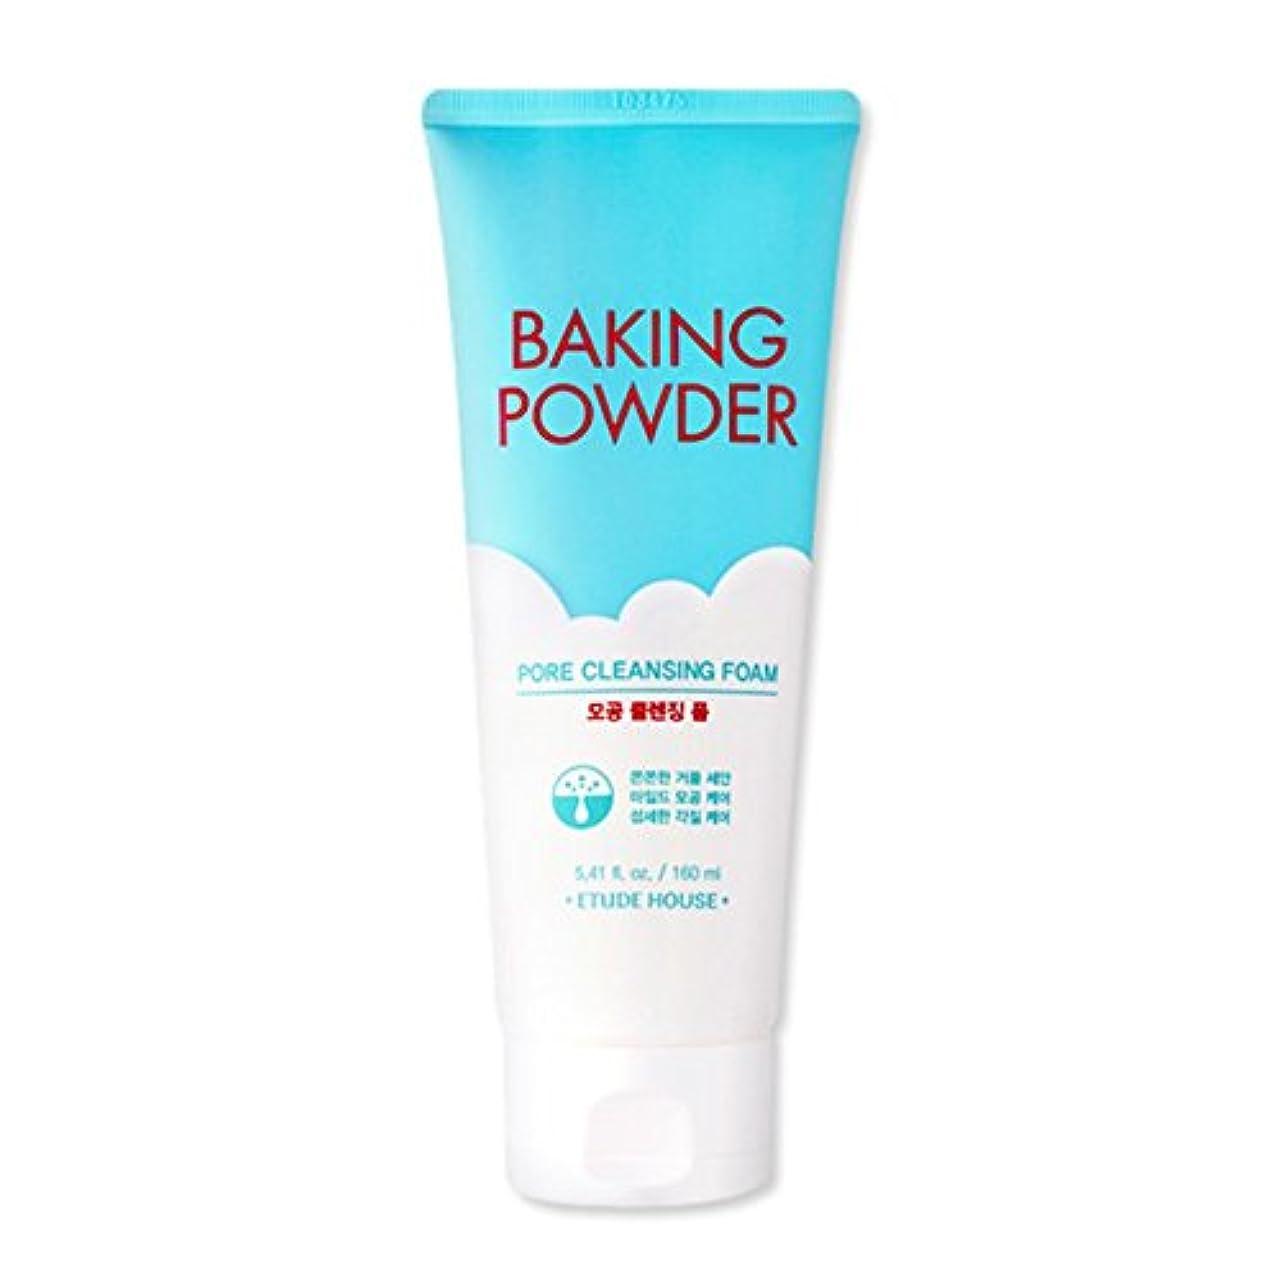 スコットランド人最後のマトリックス[2016 Upgrade!] ETUDE HOUSE Baking Powder Pore Cleansing Foam 160ml/エチュードハウス ベーキング パウダー ポア クレンジング フォーム 160ml